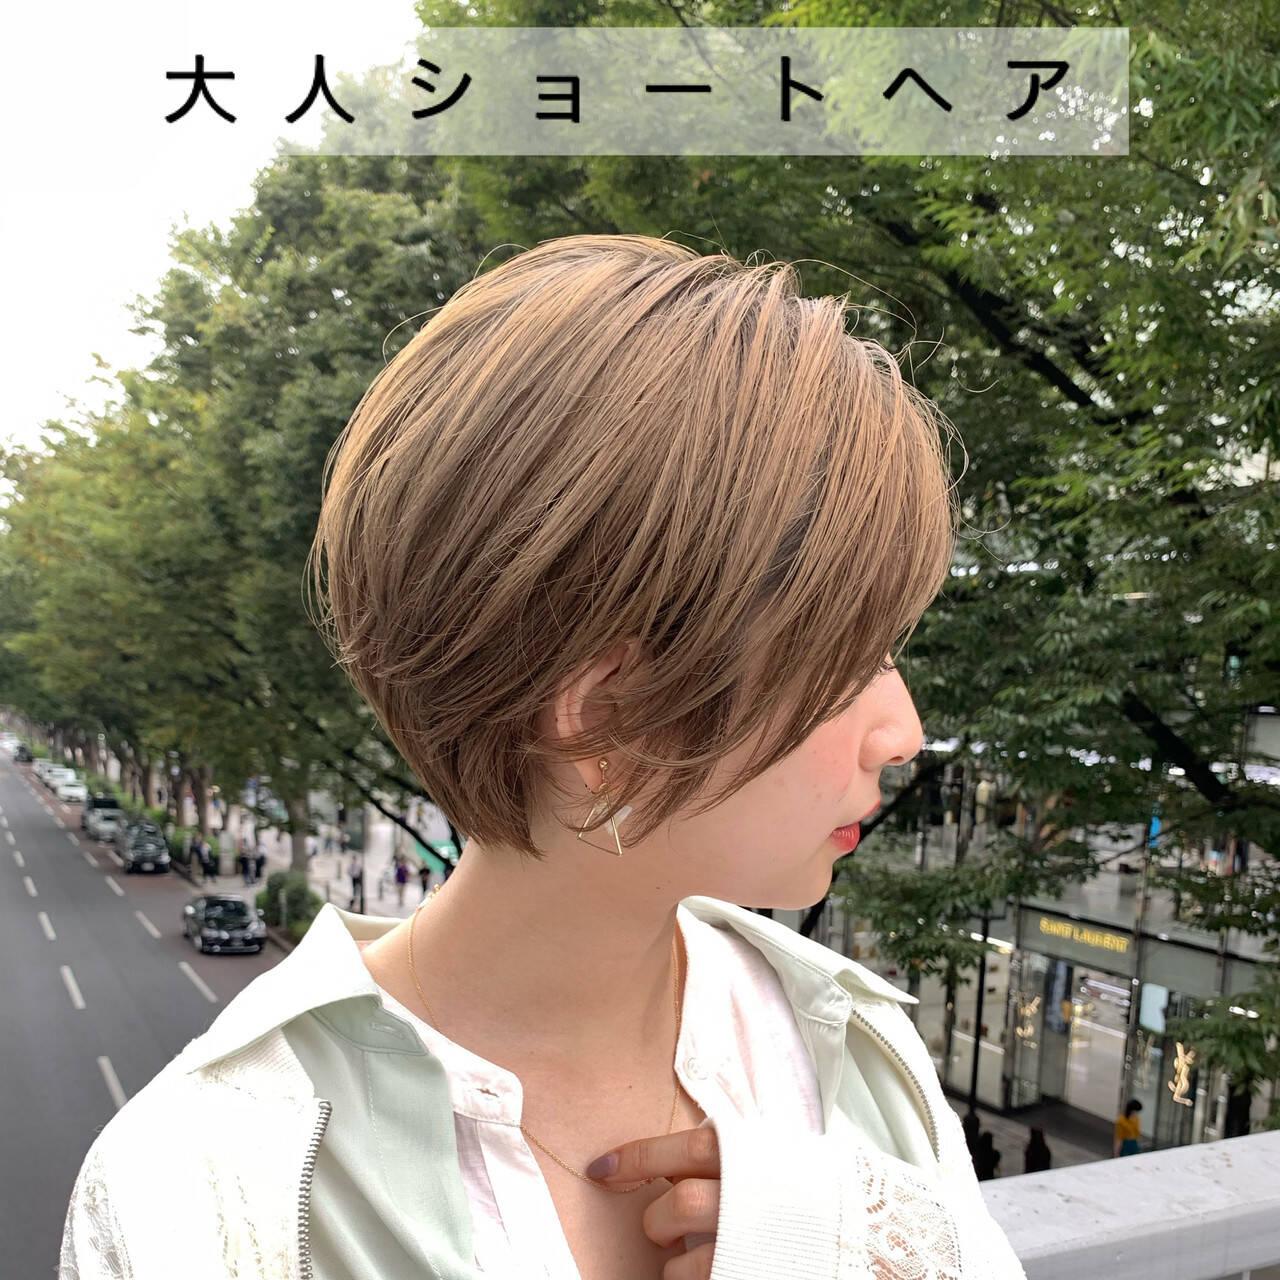 ナチュラル 大人女子 大人ショート ショートヘアスタイルや髪型の写真・画像